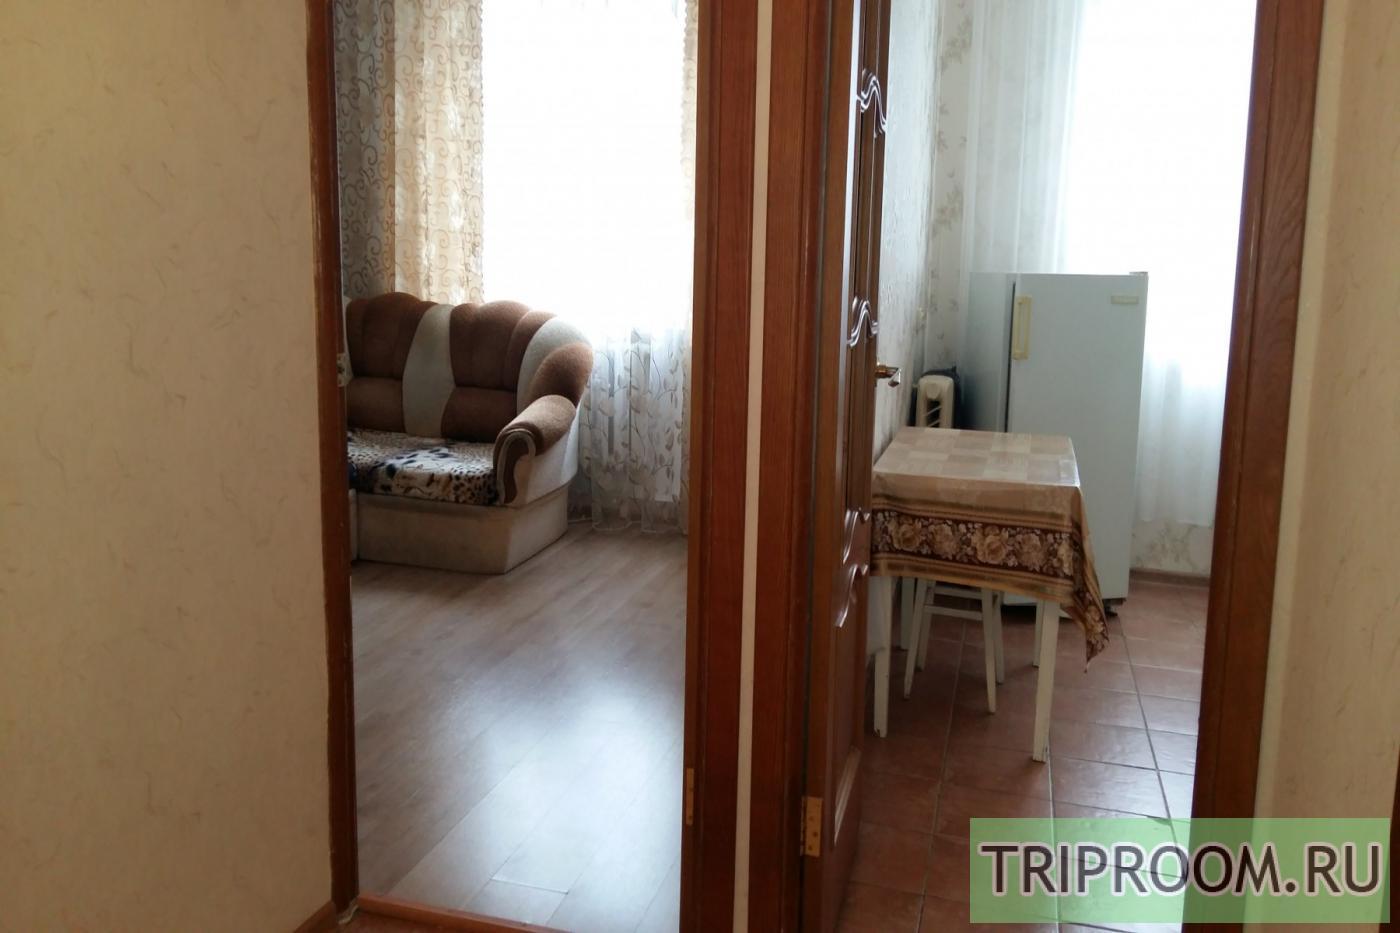 1-комнатная квартира посуточно (вариант № 22588), ул. Стара-Загора улица, фото № 8